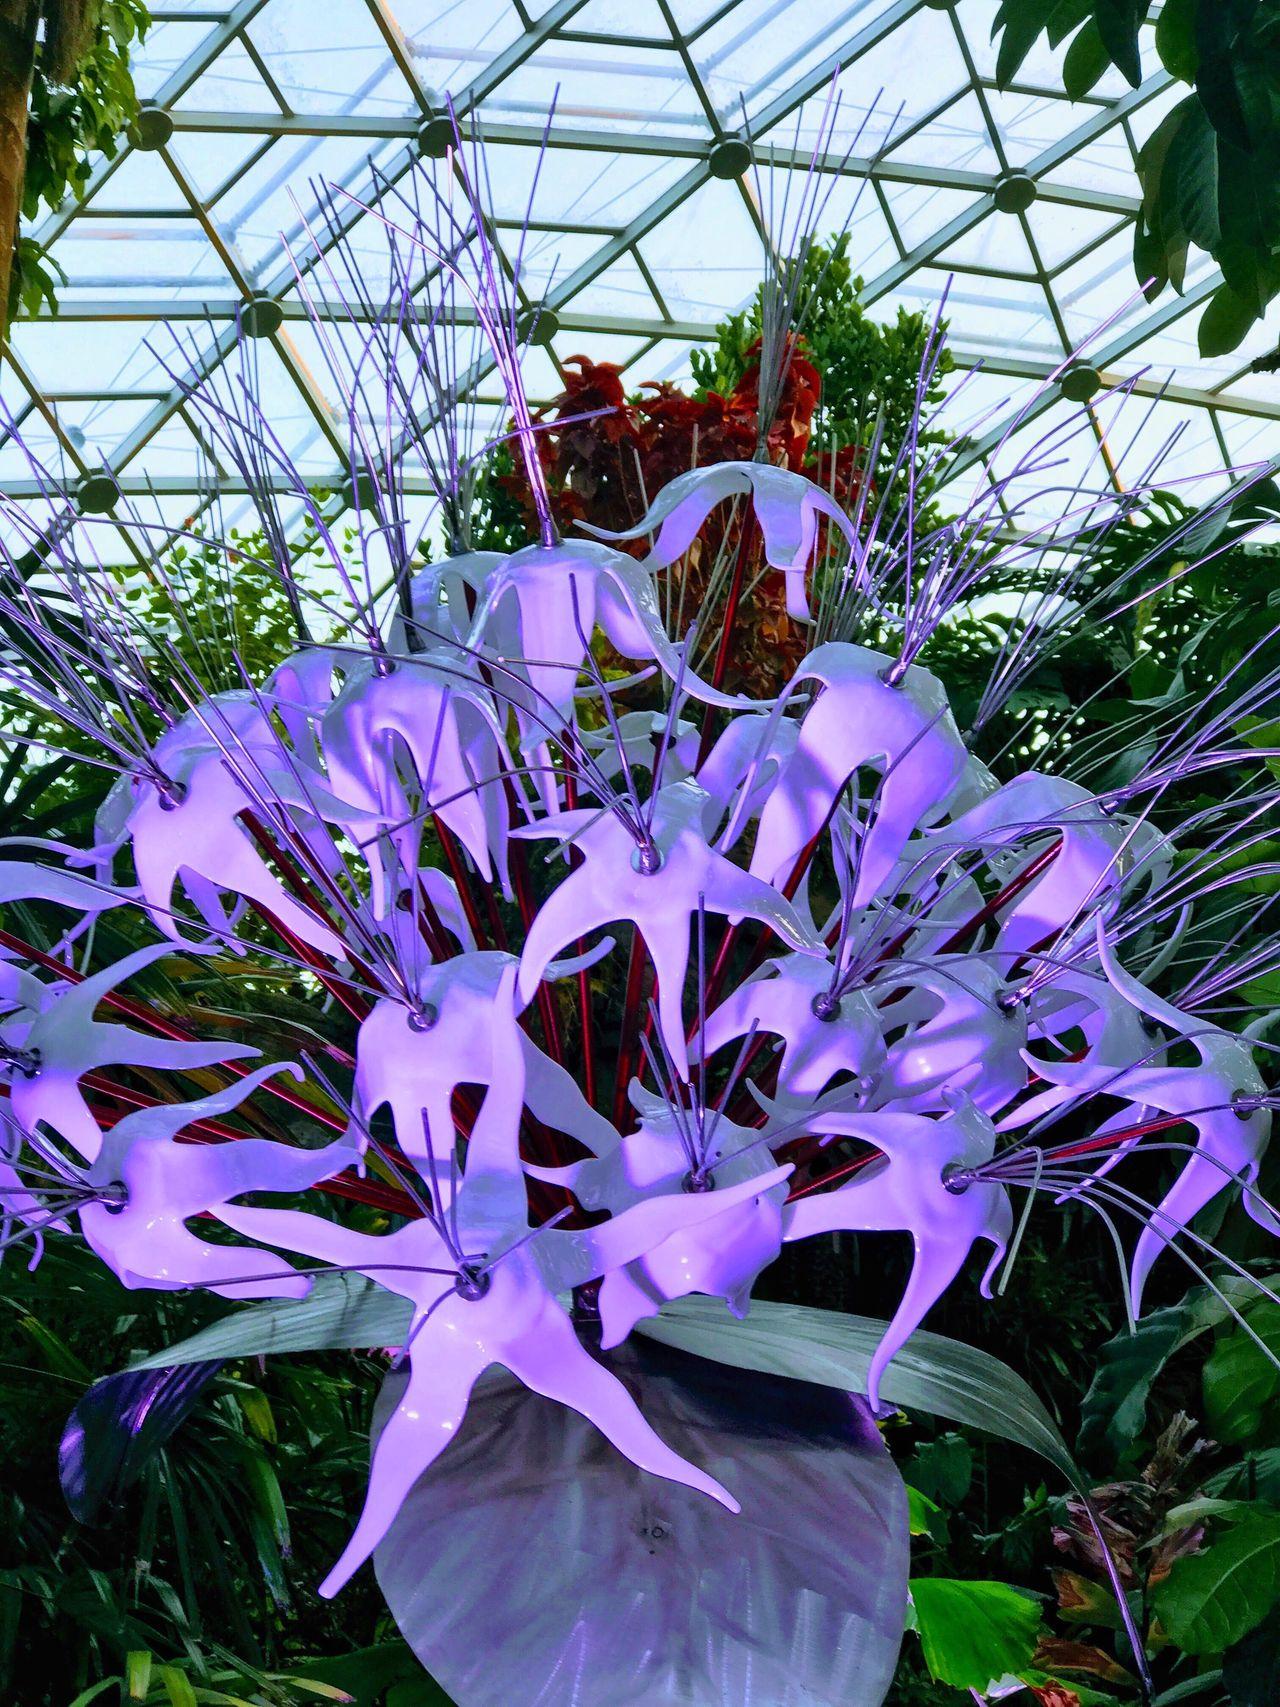 Missouri Botanical Garden Purple Garden Of Glass Glass Art Indoors  Illuminated